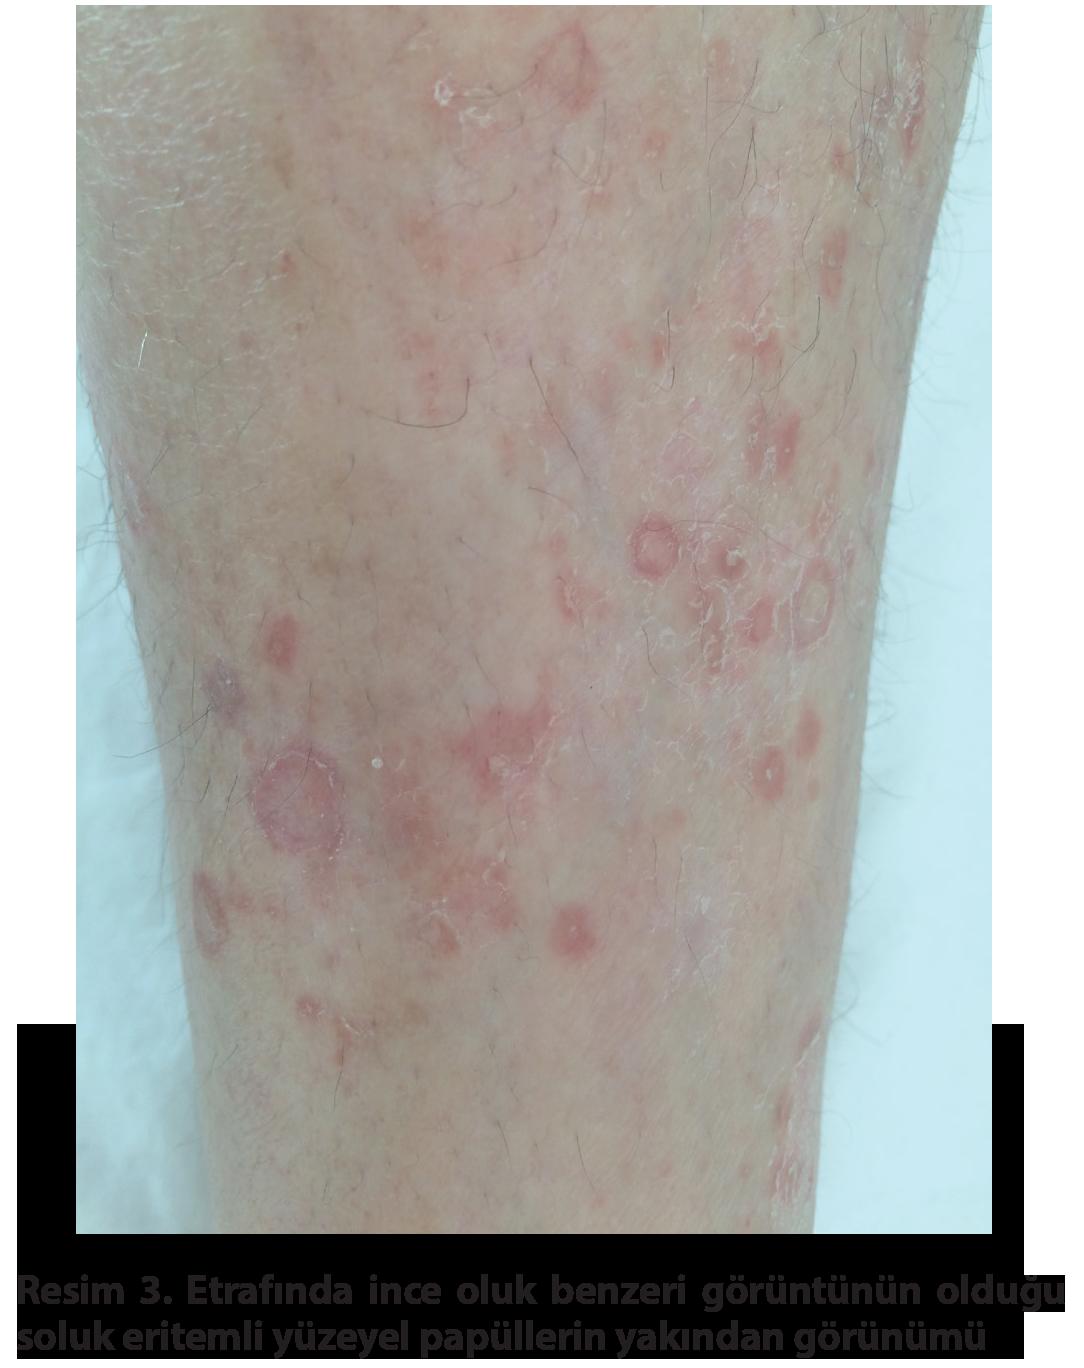 Aylık kahverengi ile belirtilen hastalıklar